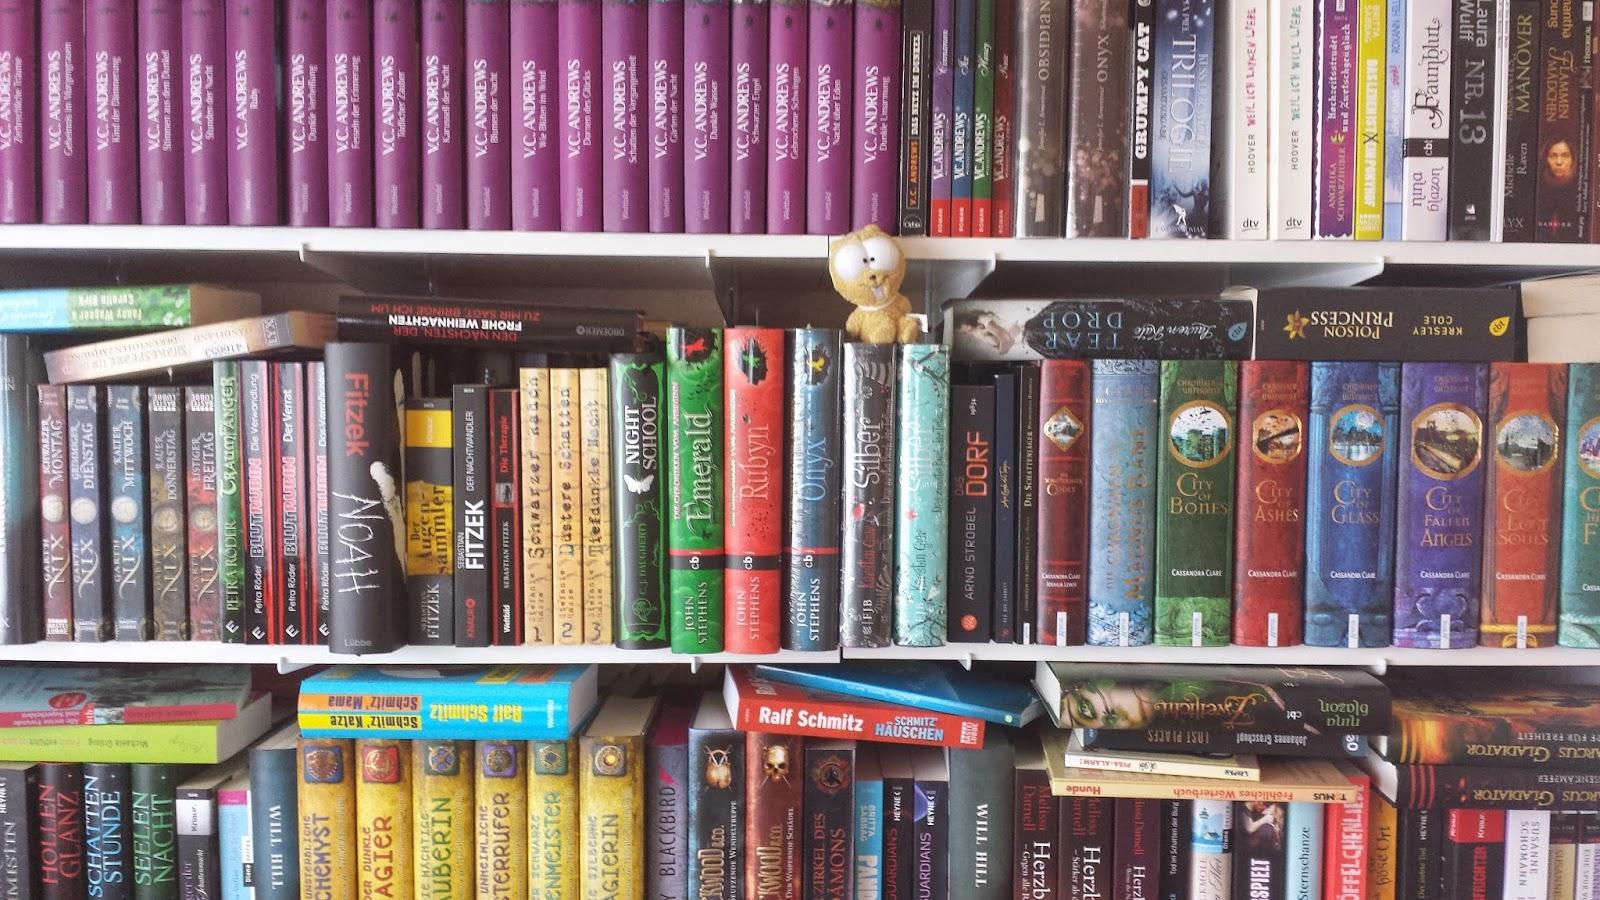 Bücherregal gezeichnet  Sasija´s TARDIS: .: Einmal durchs Regal #2 ~ Zusatzaufgabe Mai ...